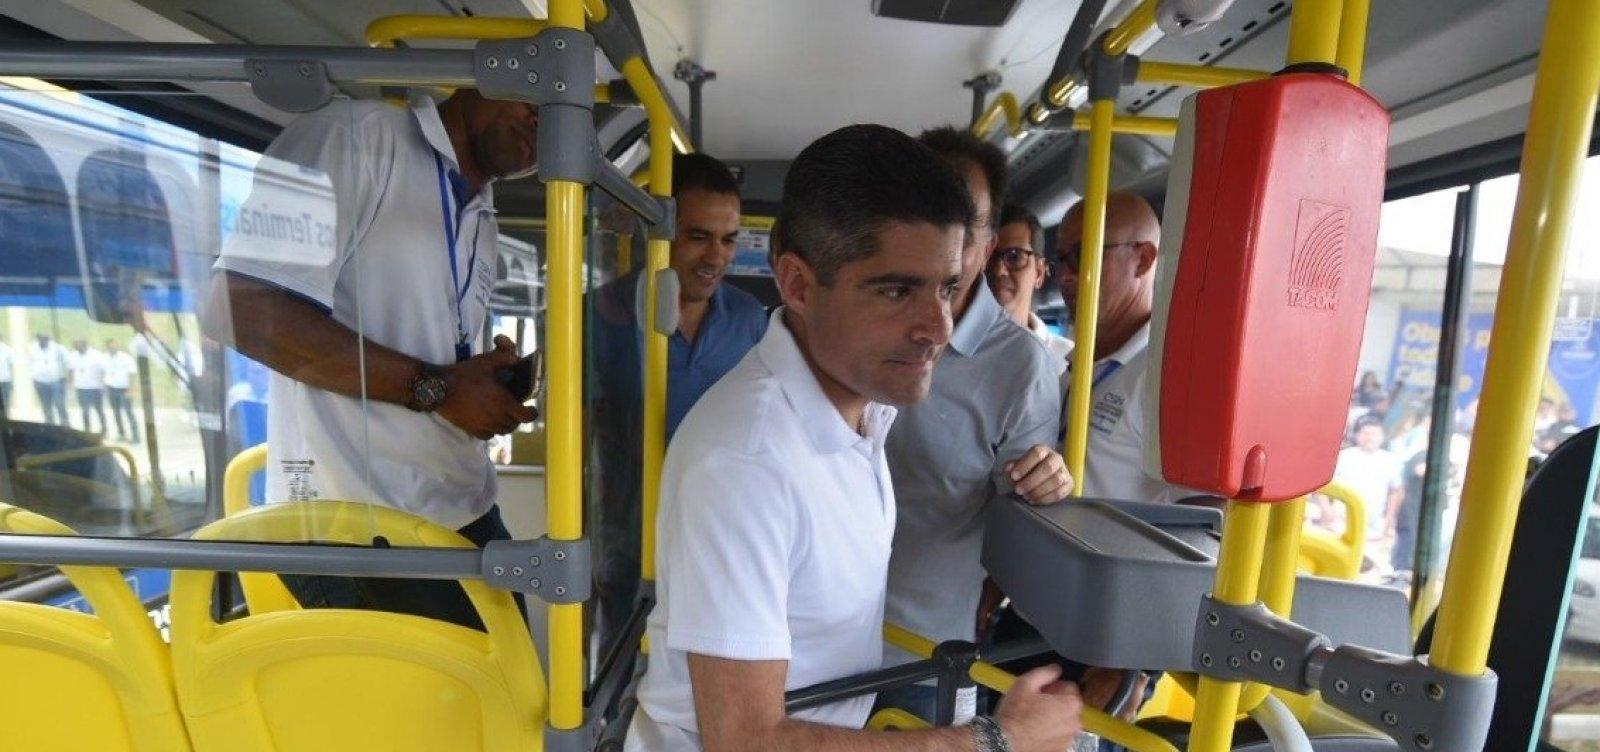 [Para evitar 'colapso', prefeitura de Salvador compra R$ 5 mi em passagens de ônibus]